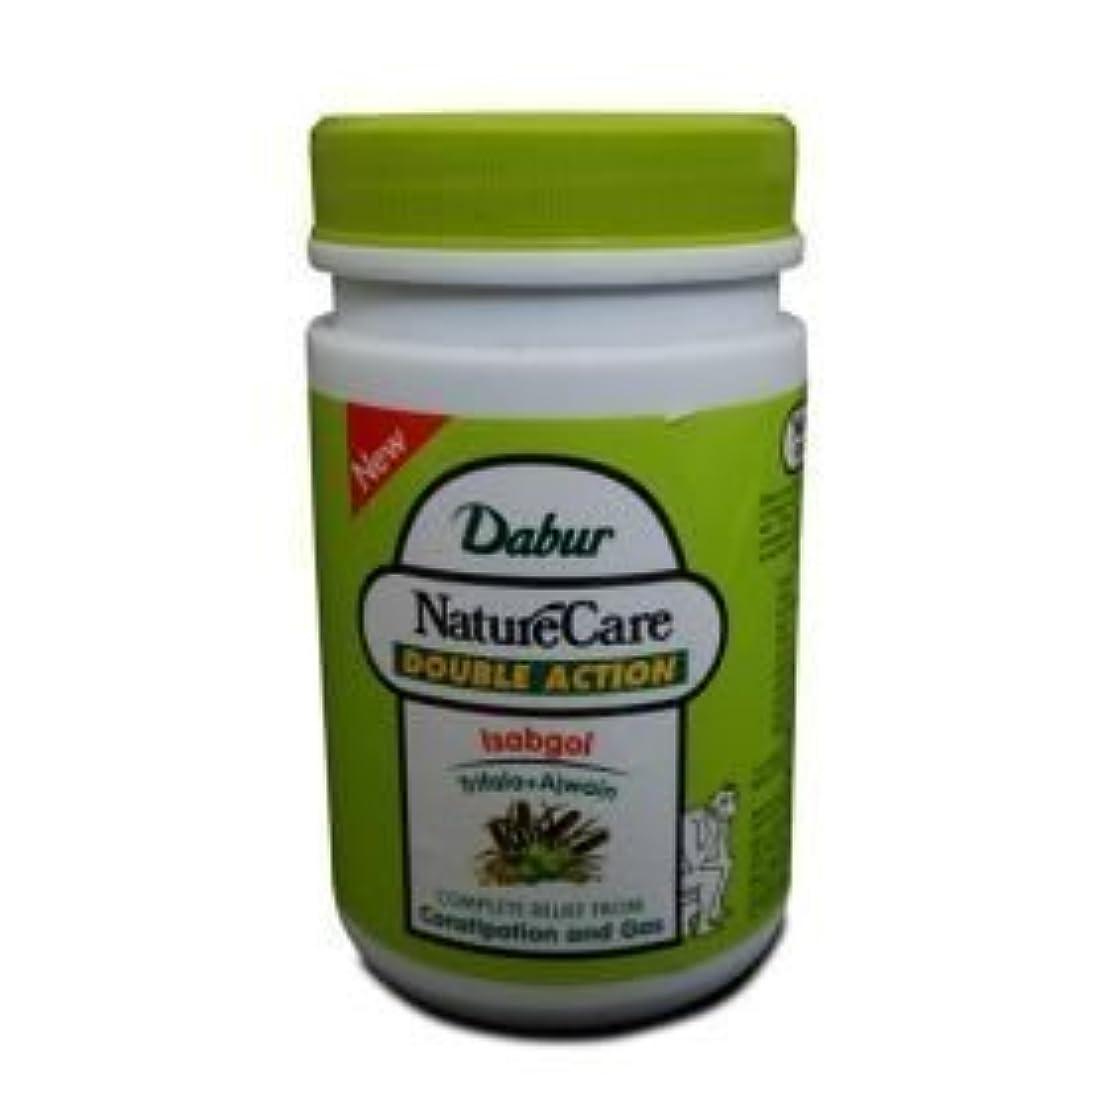 話をするマオリ海外Dabur Naturecare Double Action Isabgol Husk Effective Relief From Gas,constipation 100 Grams by Dabur [並行輸入品]